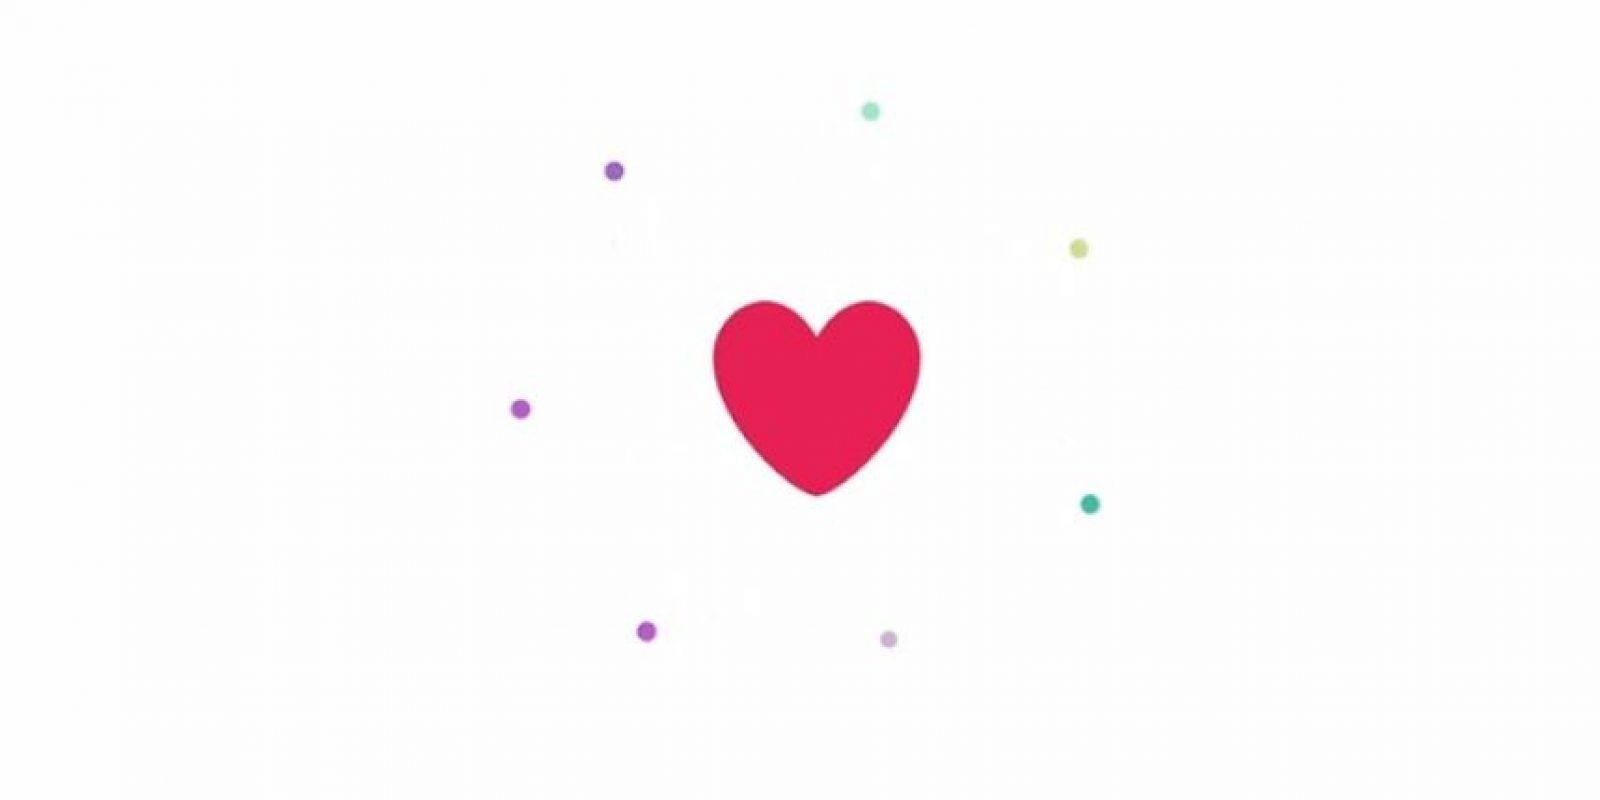 """Los corazones tendrán la misma función que los """"me gusta"""". Foto:Twitter"""